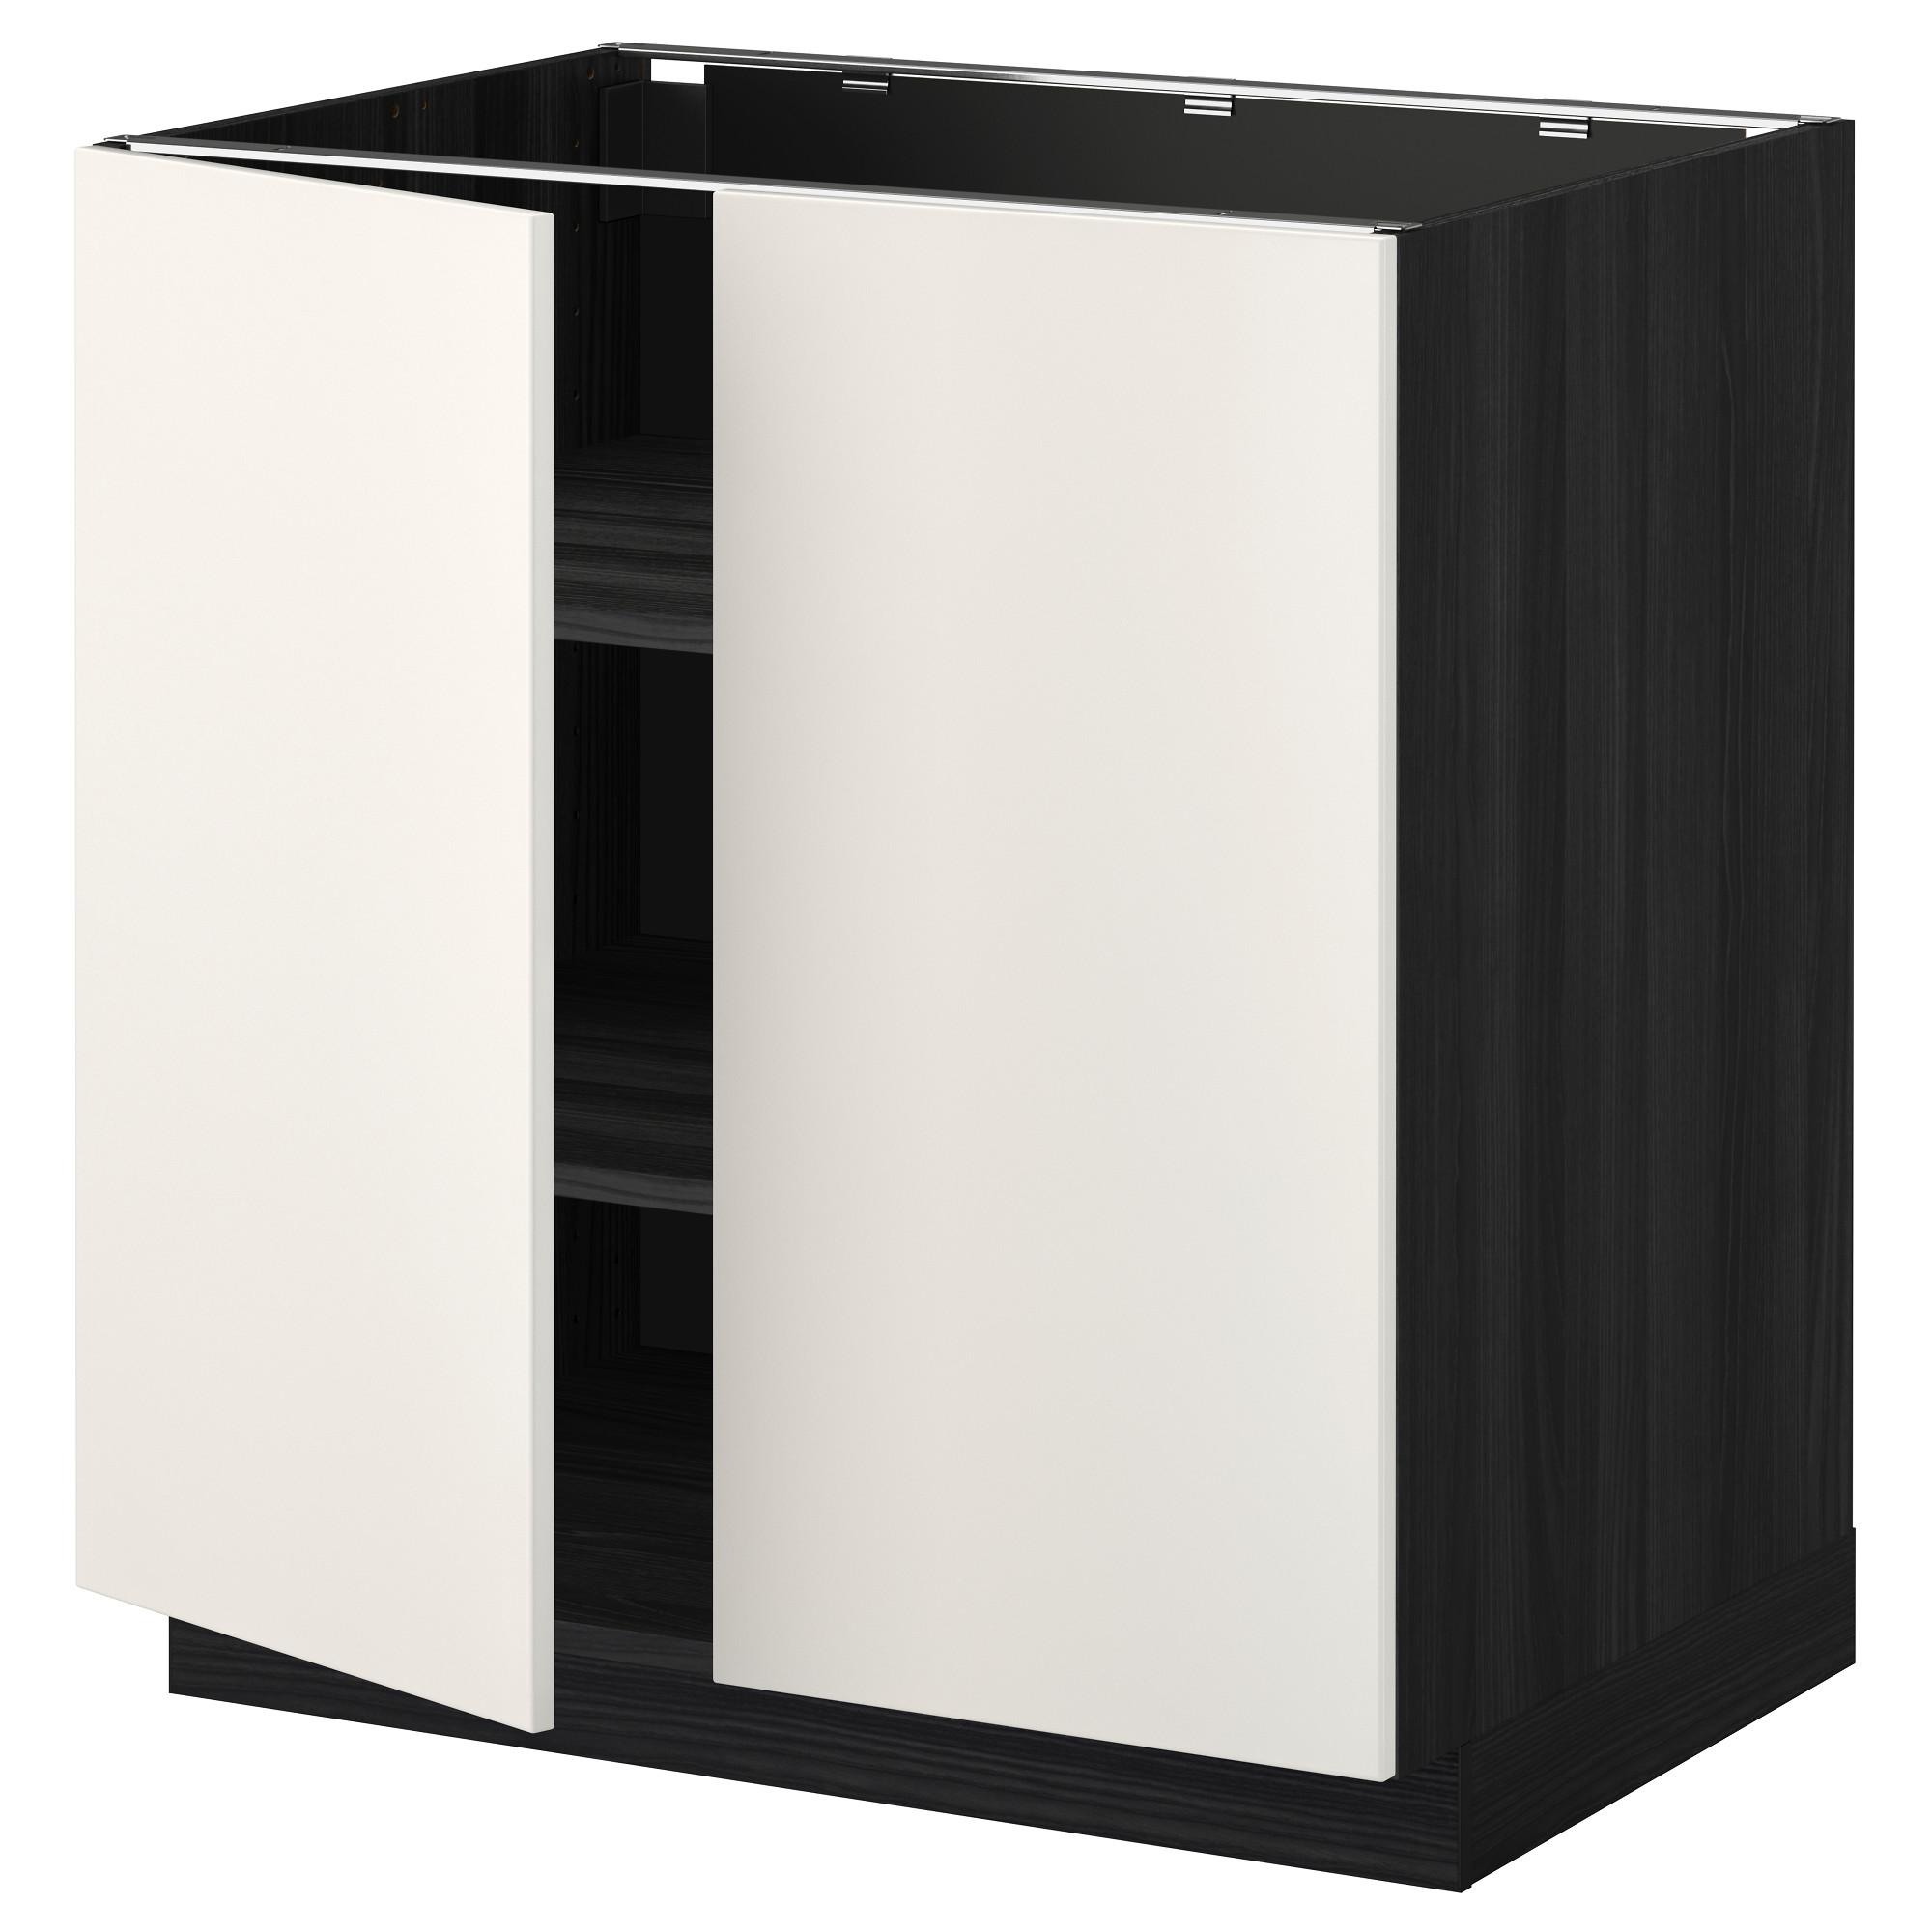 Напольный шкаф с полками, 2 двери МЕТОД черный артикуль № 392.234.67 в наличии. Онлайн магазин IKEA РБ. Быстрая доставка и установка.